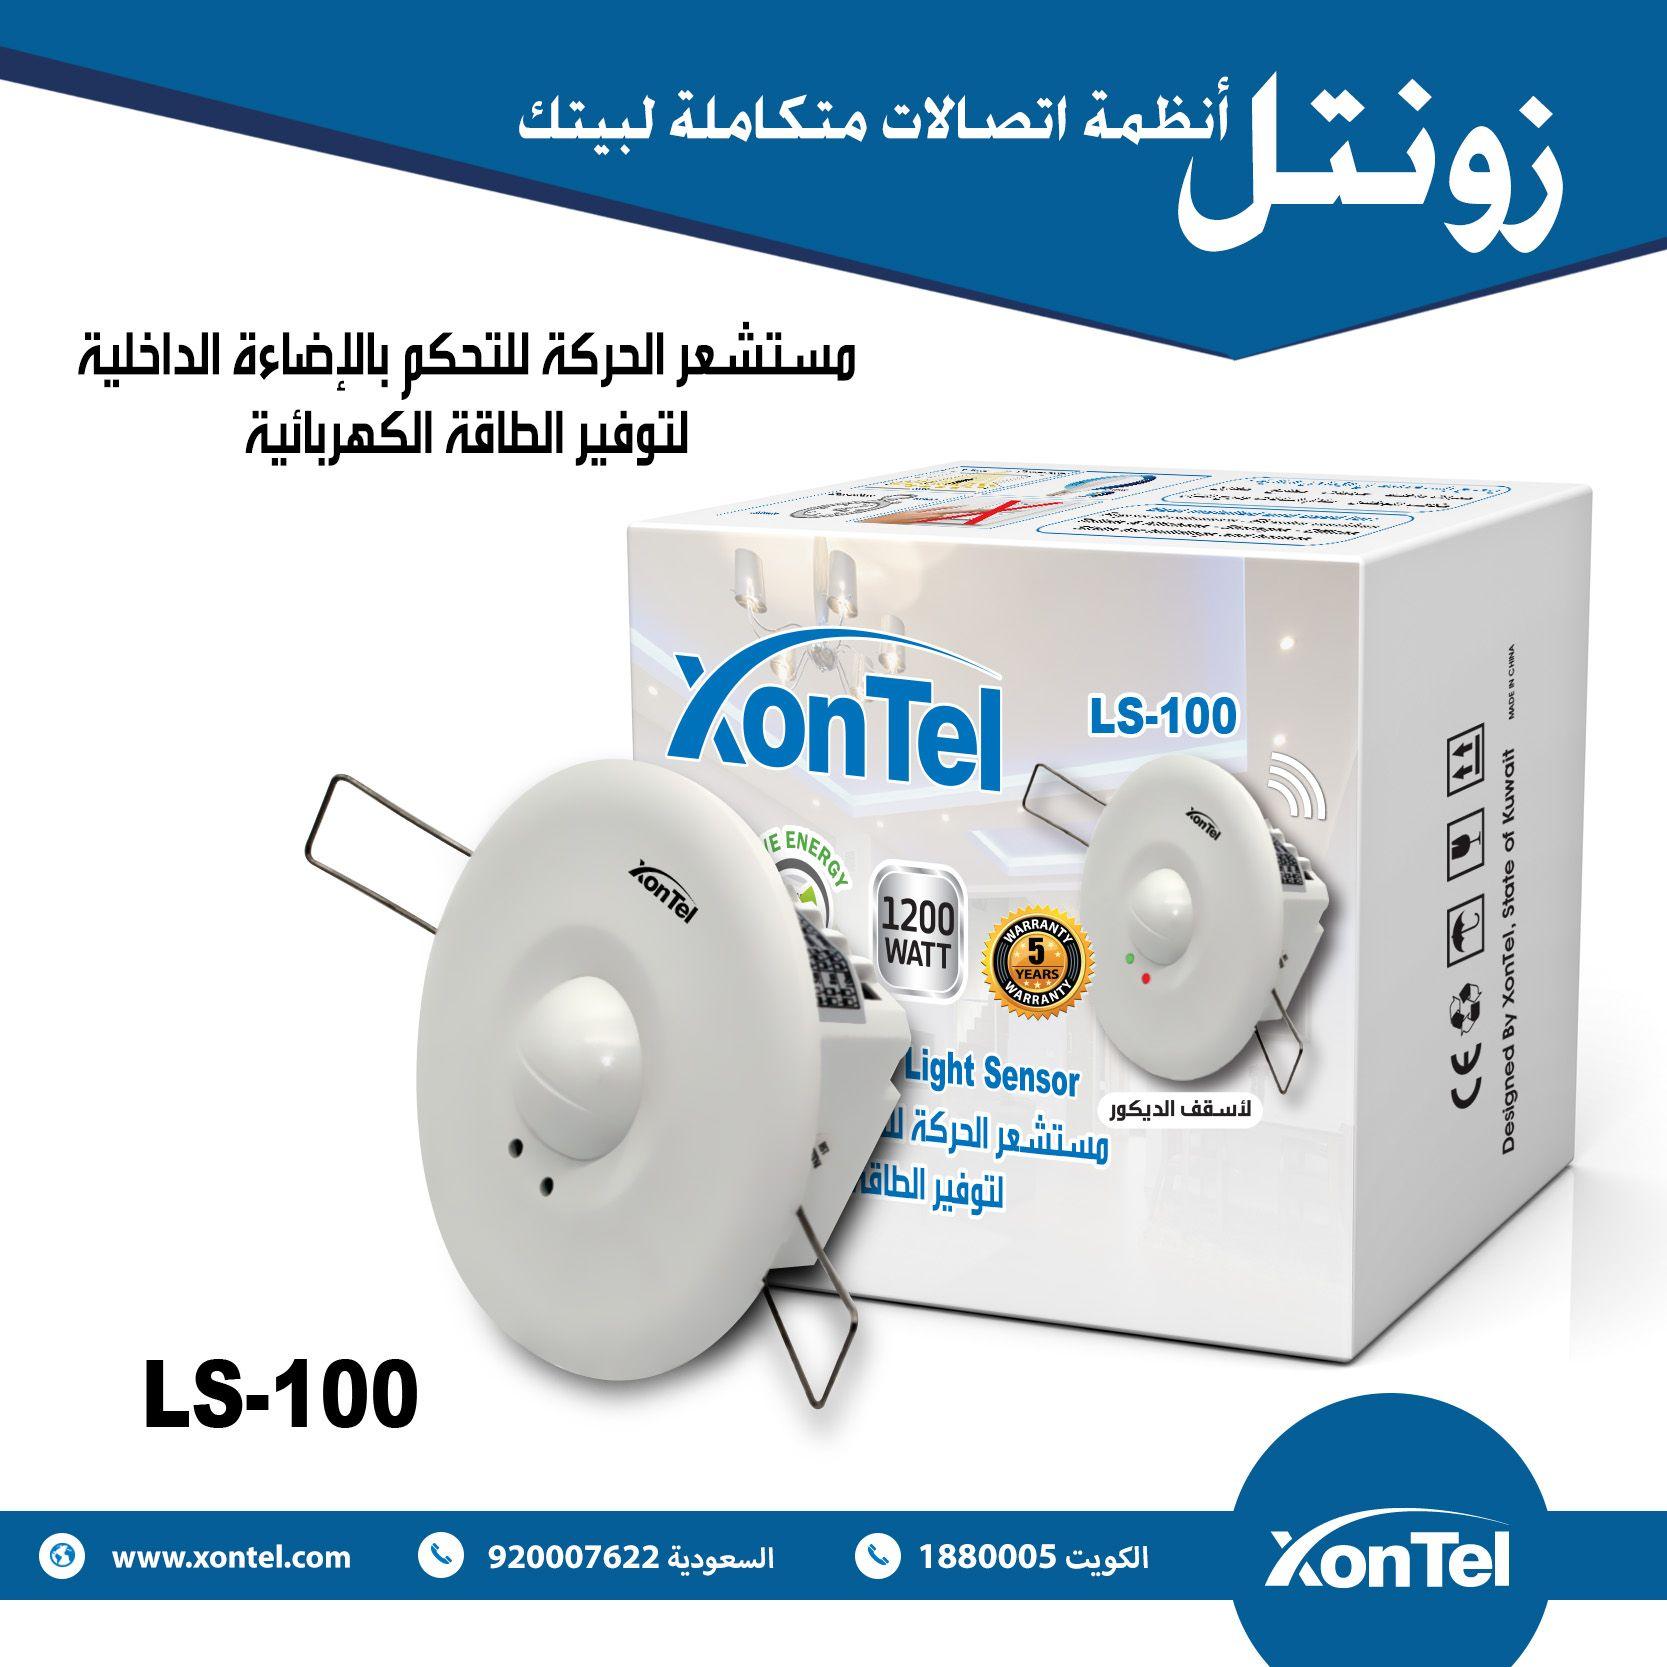 زونتل تسعي دائما لتوفير كل ماهو جديد ومتطور لصالحك اليك الان جهاز زونتل مستشعر الحركة للتحكم بالاضاءة للاستخدام داخل منزلك أو ش Light Sensor Watt Light Light